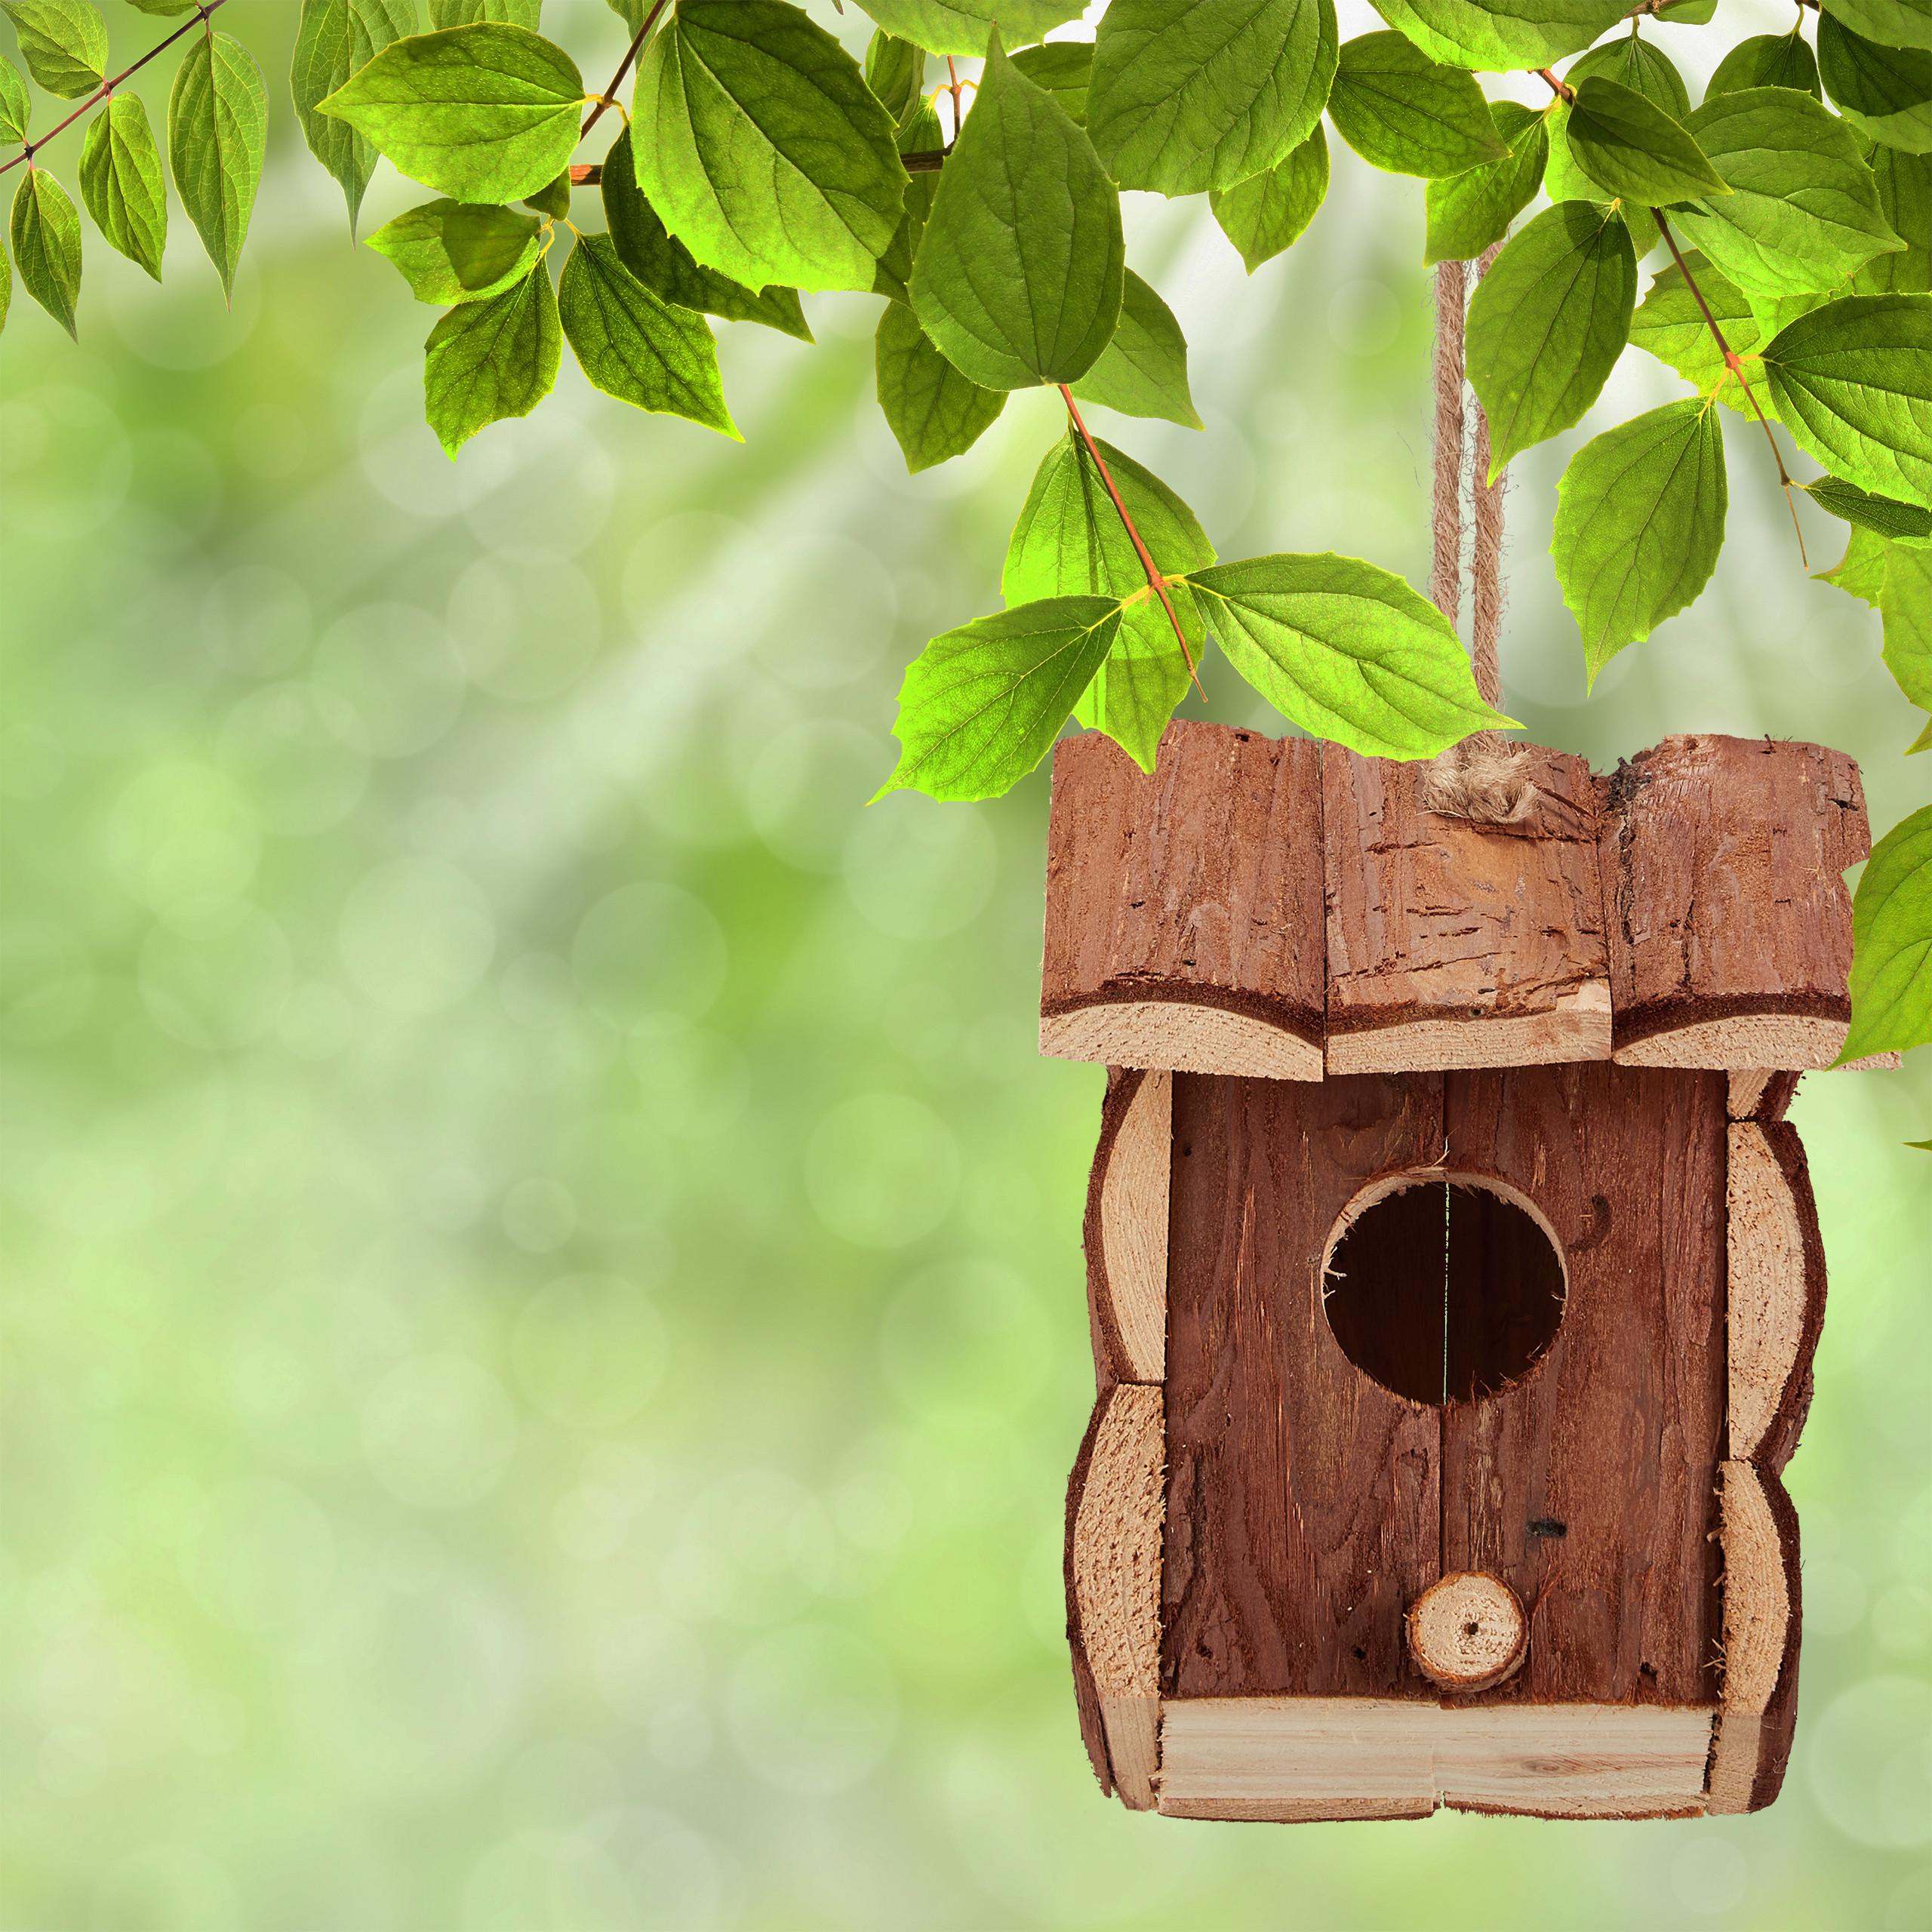 Miniatur Vogelhäuschen Holzhäuschen Mini Vogelhaus zum Hängen Deko Nistkasten